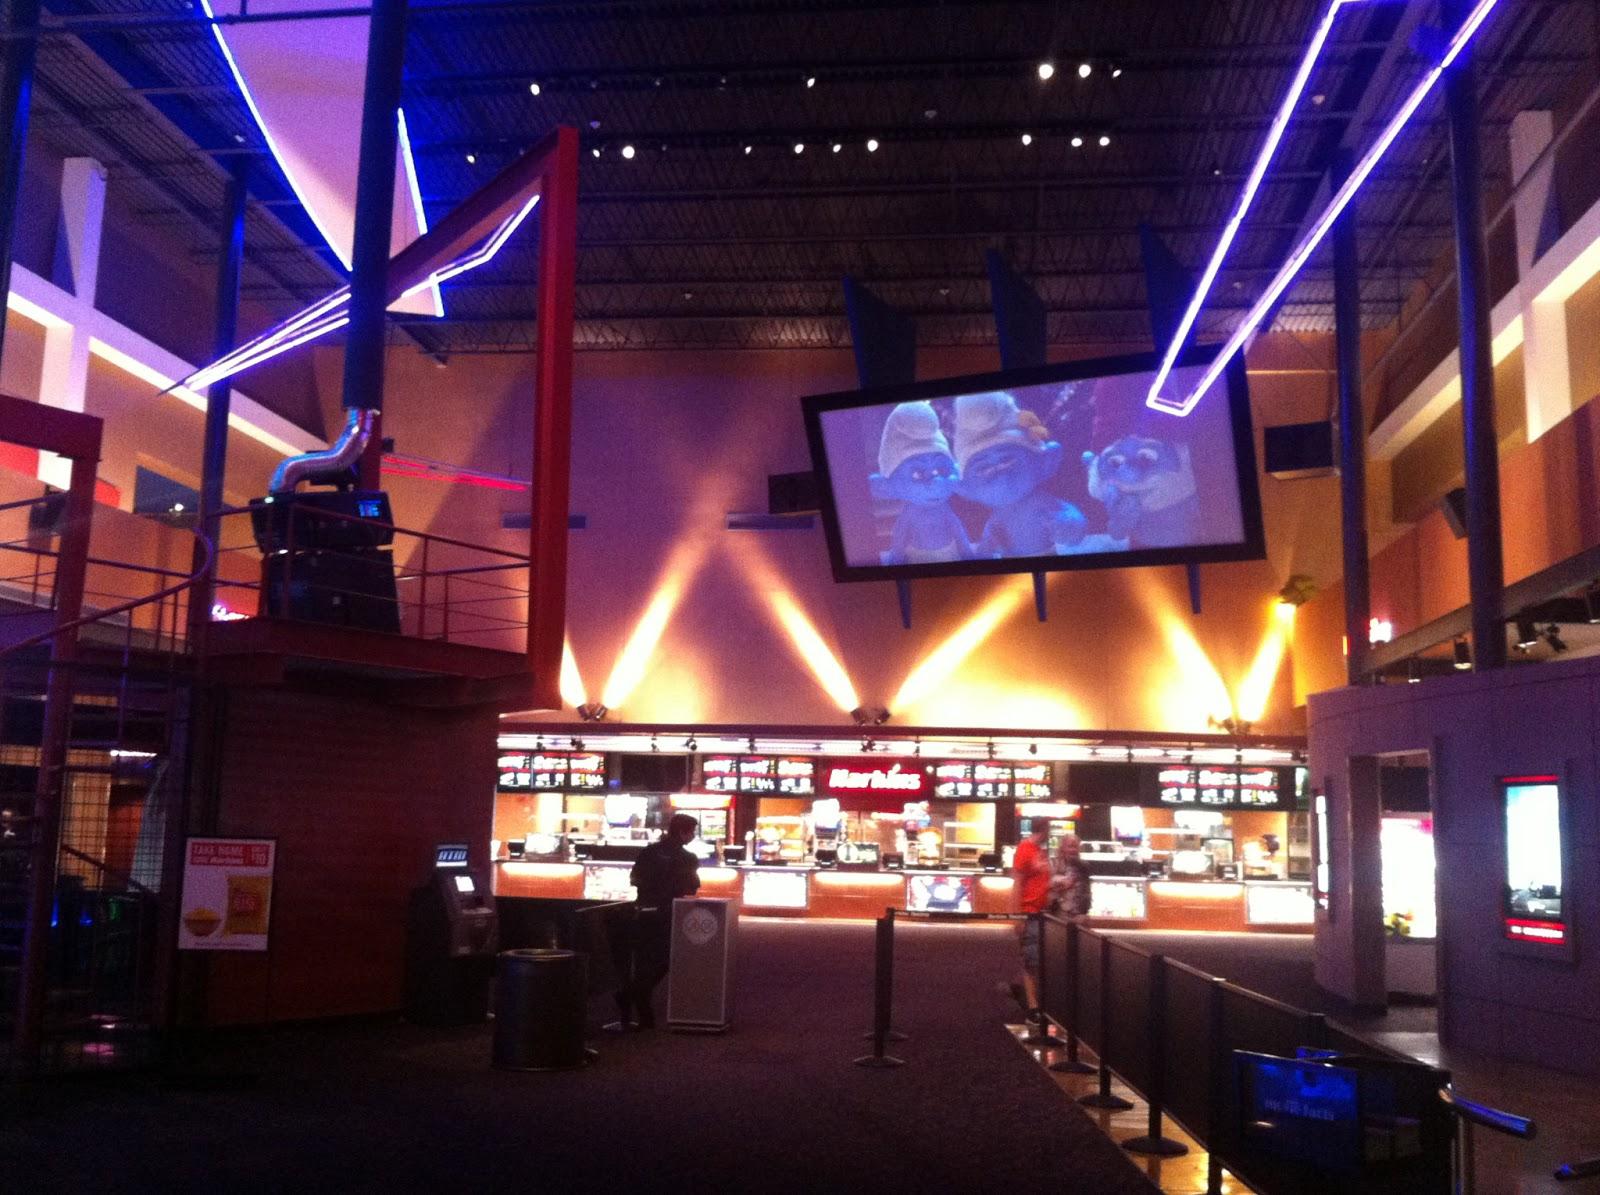 Harkins movie theater sedona